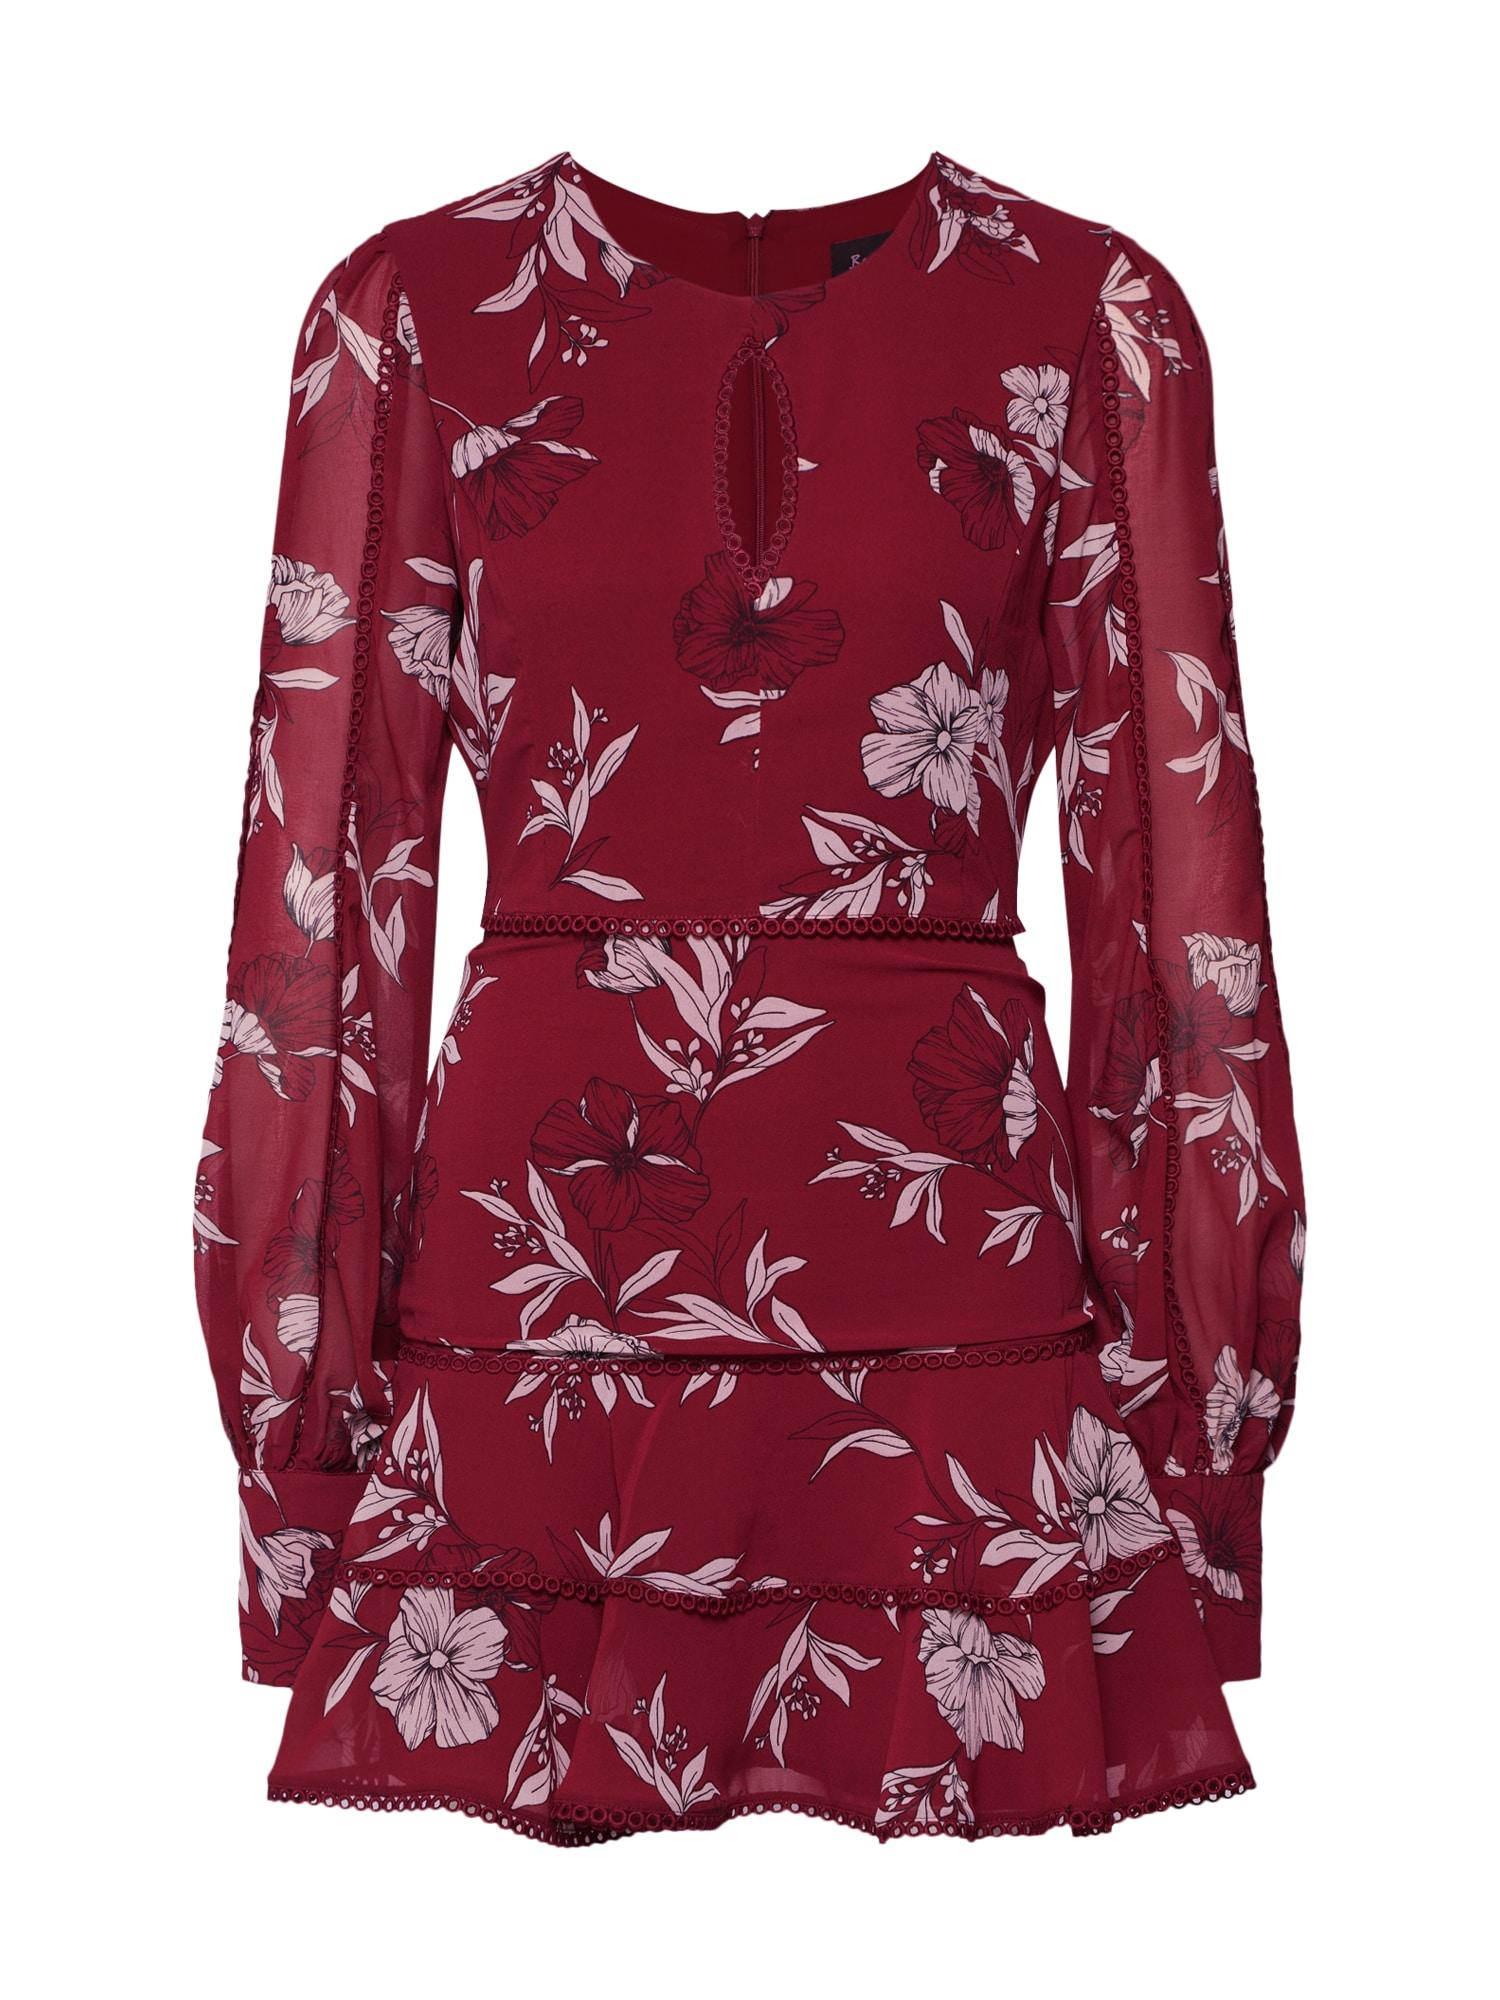 Šaty TAMMY TRIM DRESS šedobéžová tmavě červená Bardot